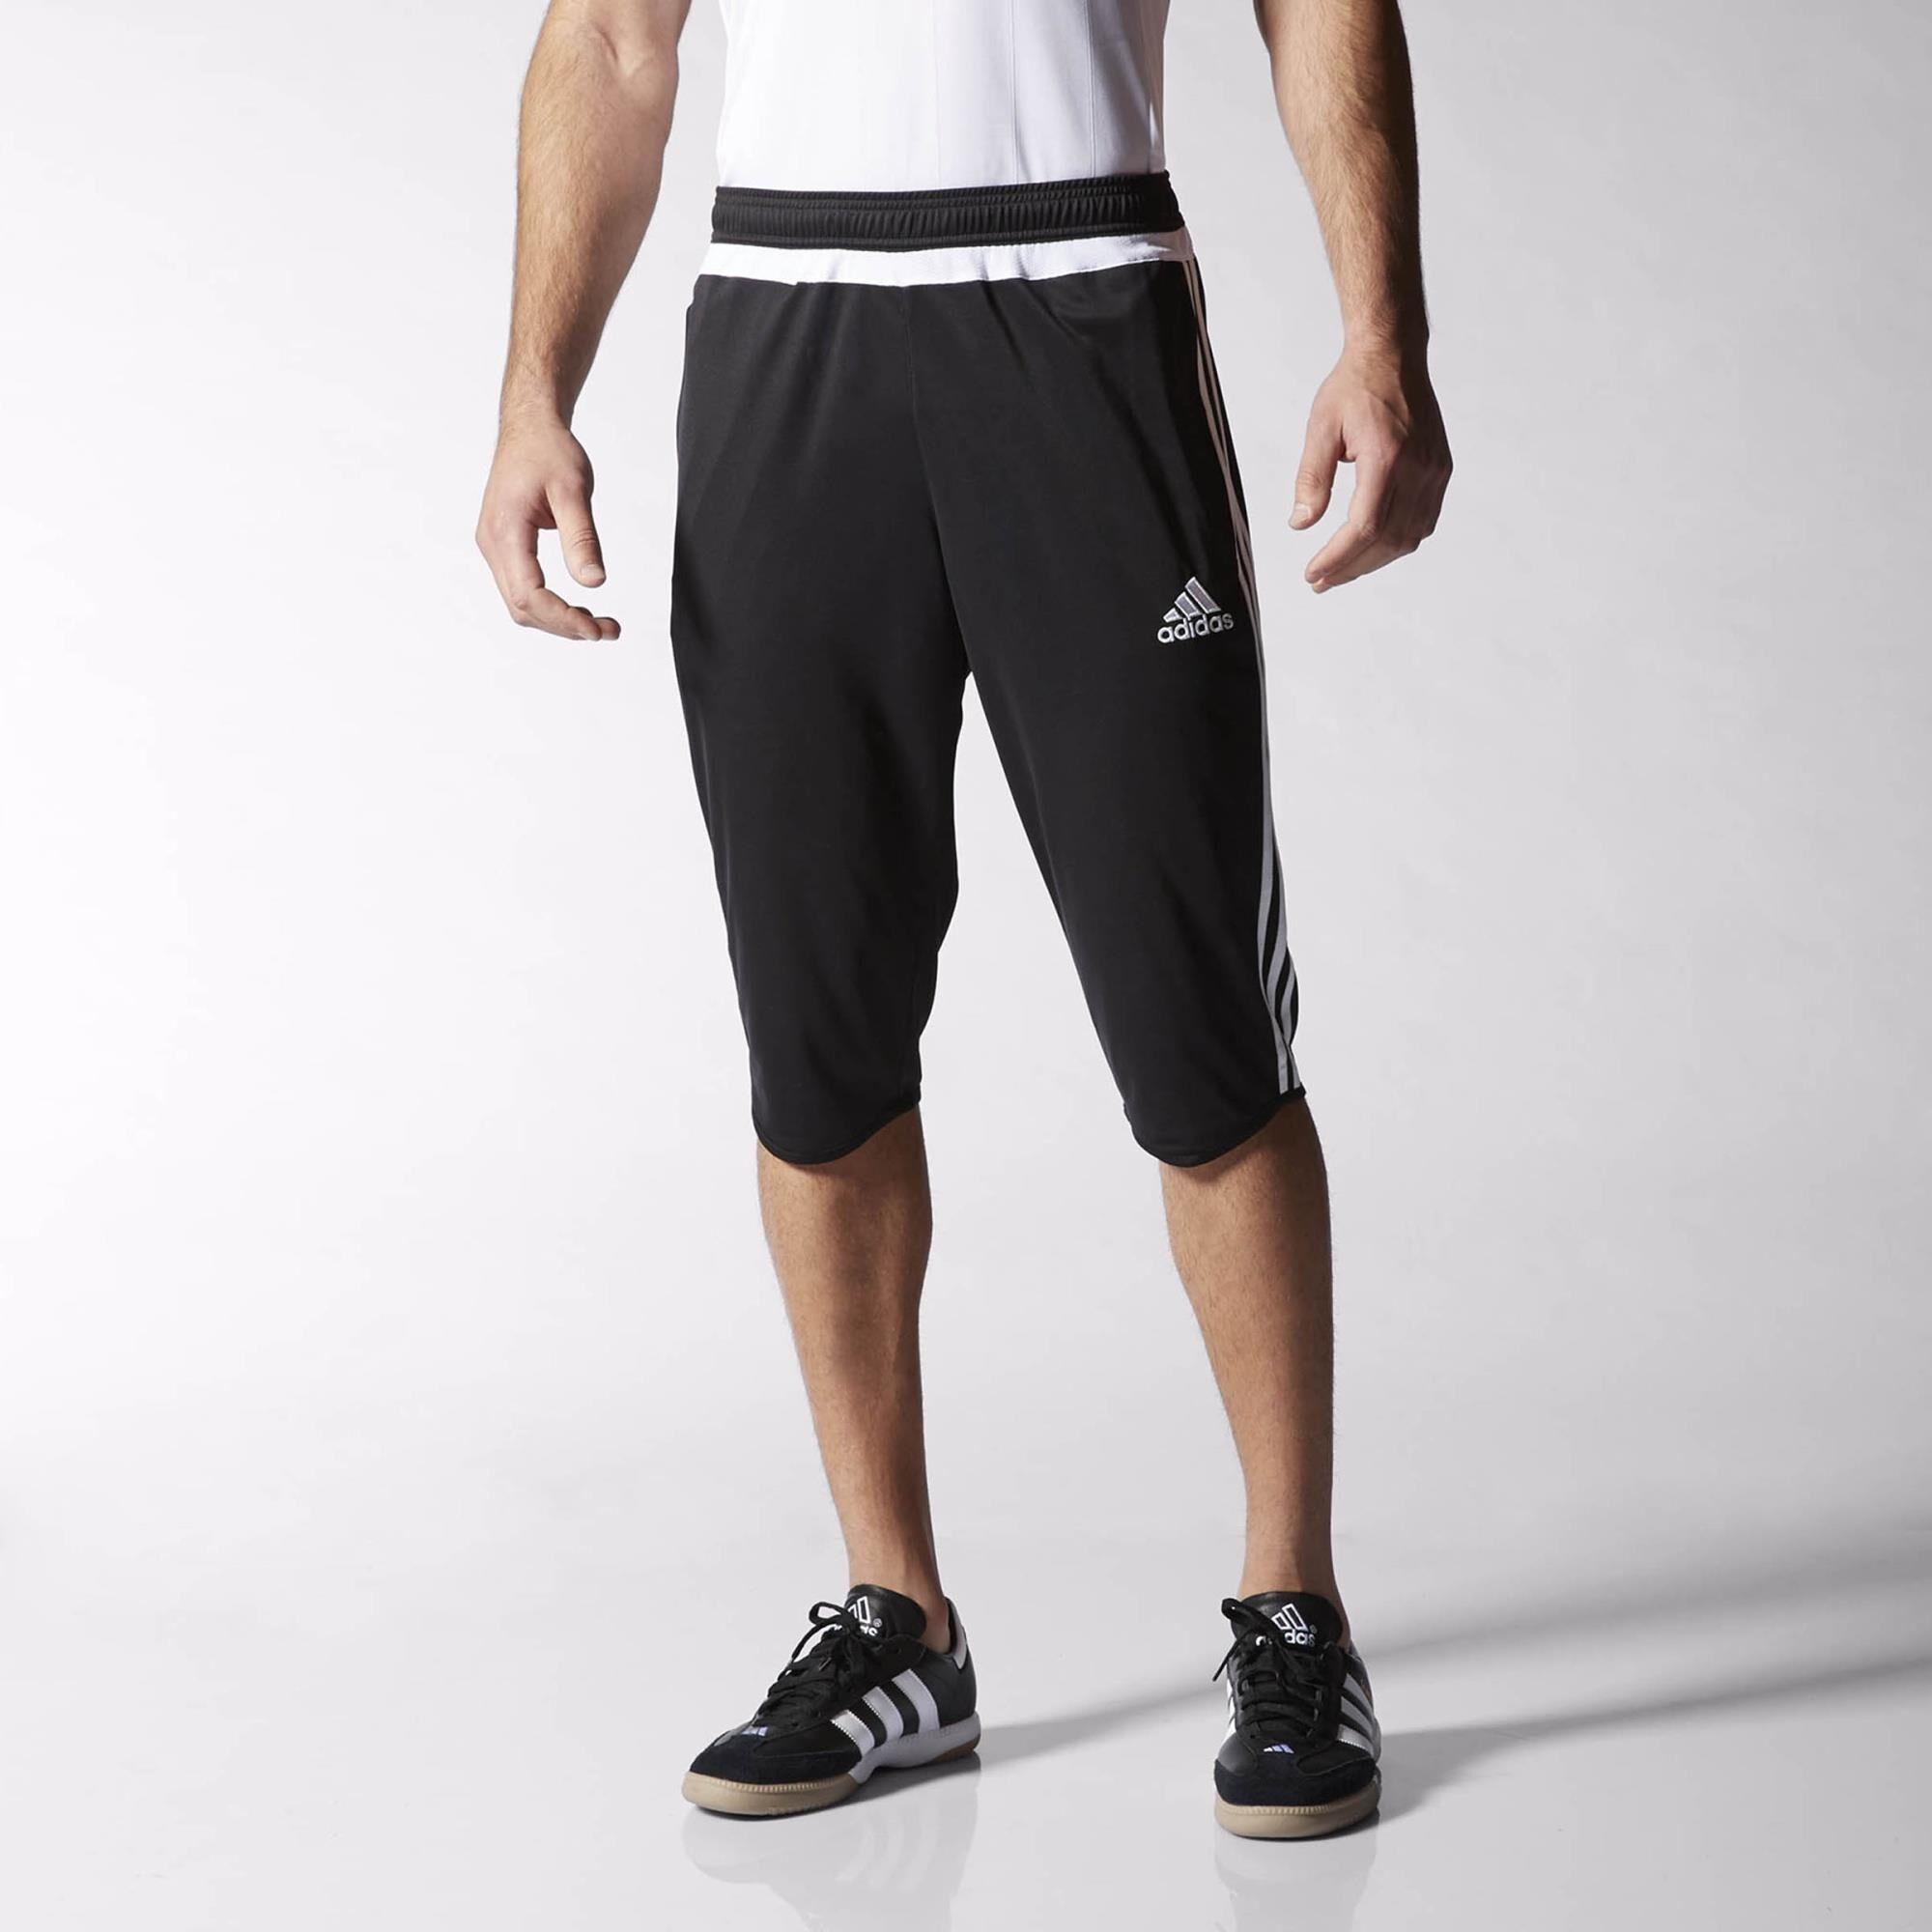 259d70ed28 Pantalón de tres cuartos Tiro 15 pants adidas hombre cortos